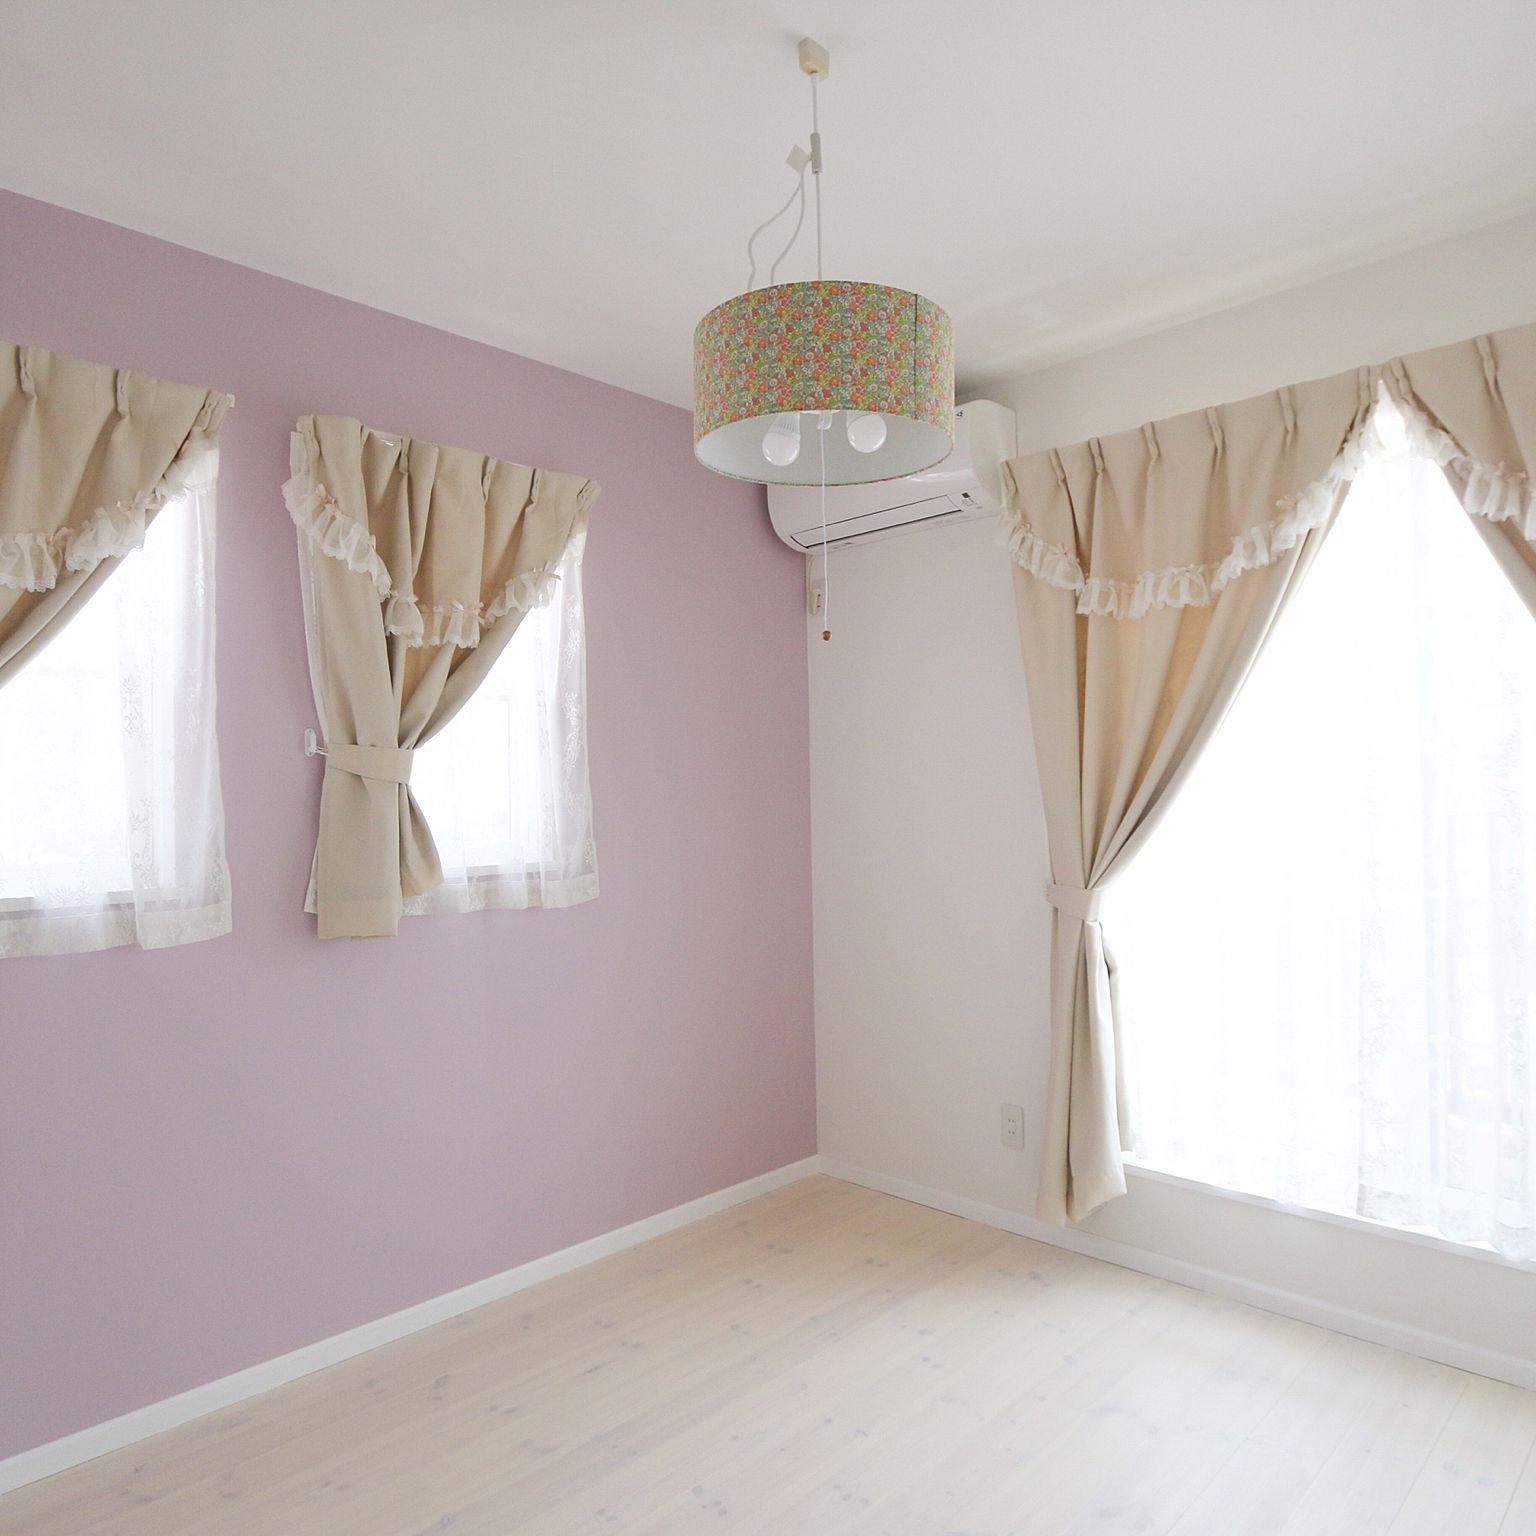 部屋全体 子供部屋女の子 ラベンダー色の壁 リバティ柄 ラベンダー色